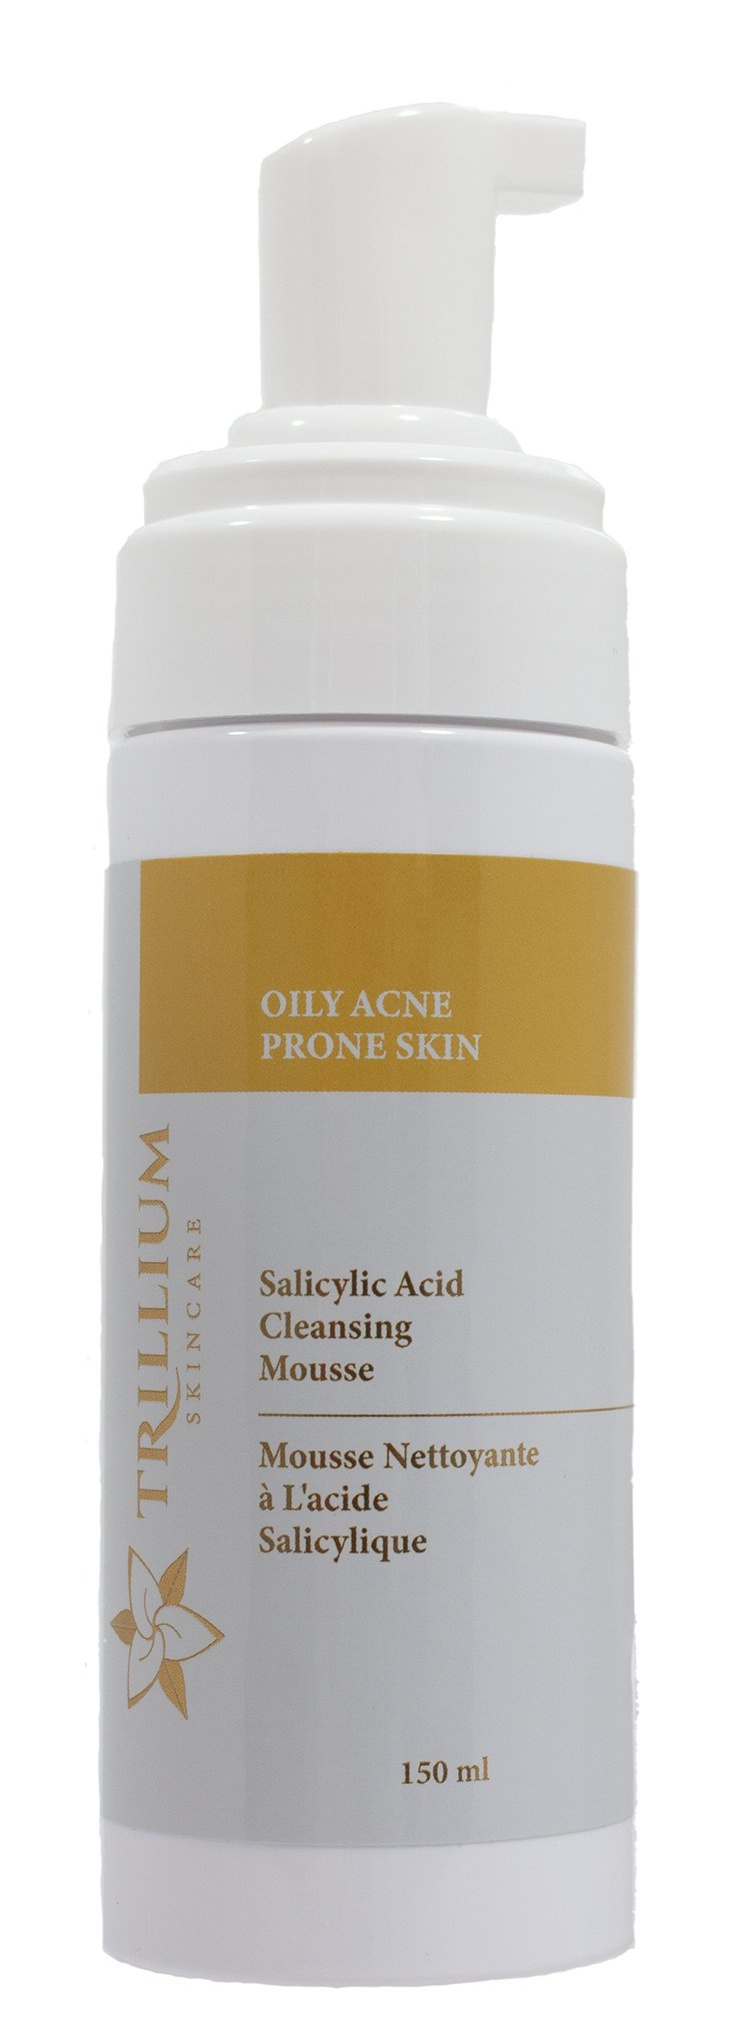 Trillium Skincare Salicylic Acid Cleansing Mousse